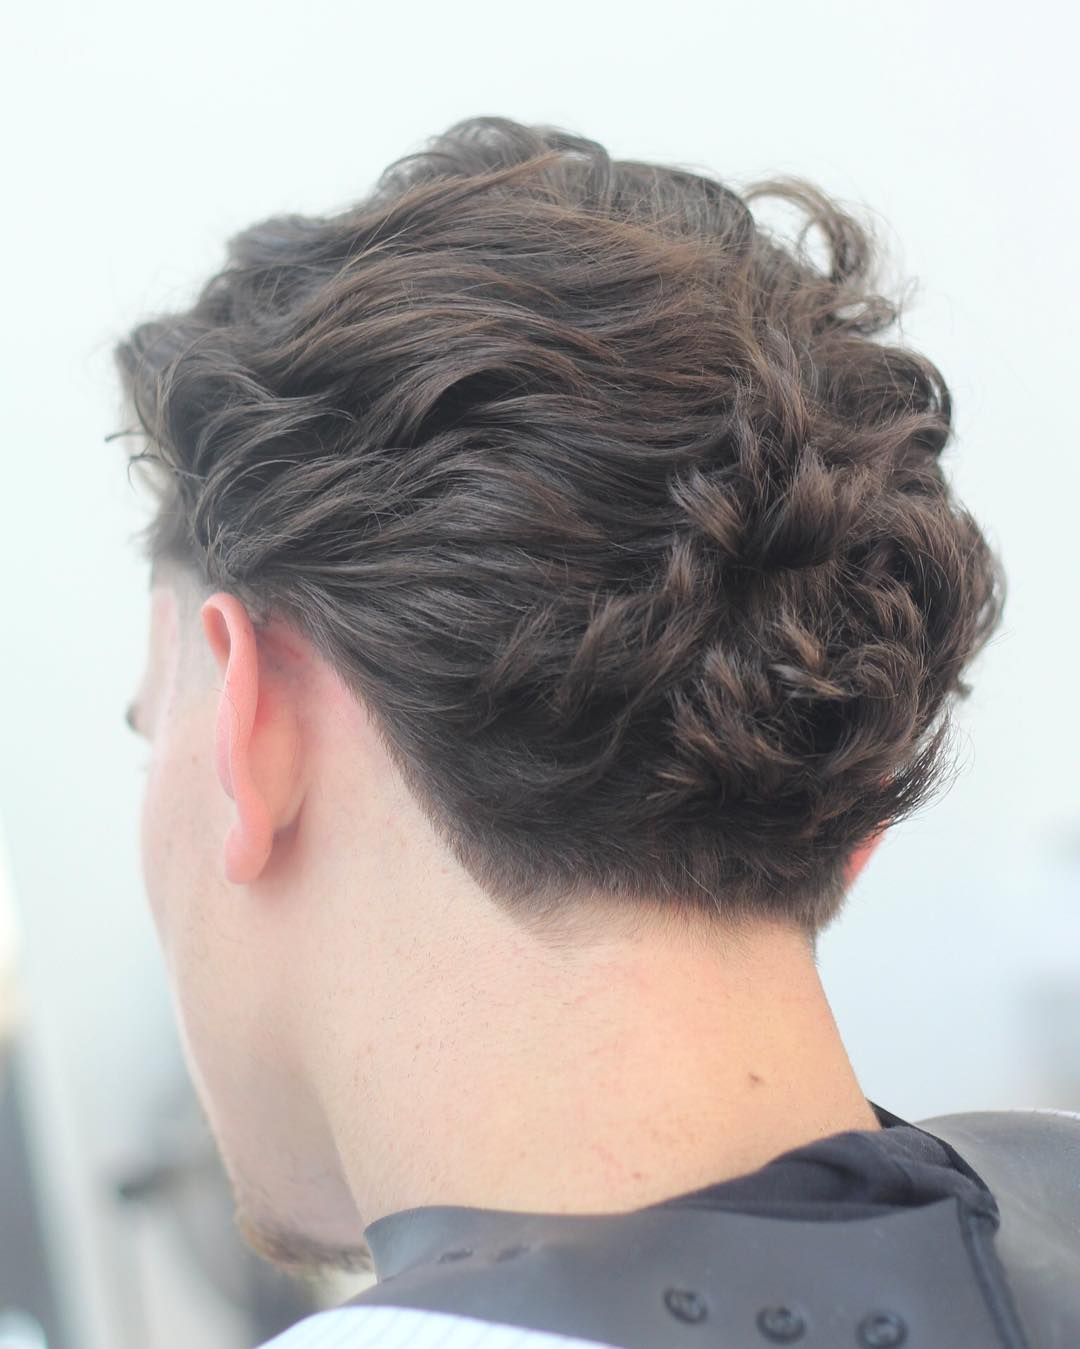 100 coupes de cheveux les plus populaires pour les hommes pour 2020 5f3f760949e3e - 100+ coupes de cheveux les plus populaires pour les hommes pour 2020